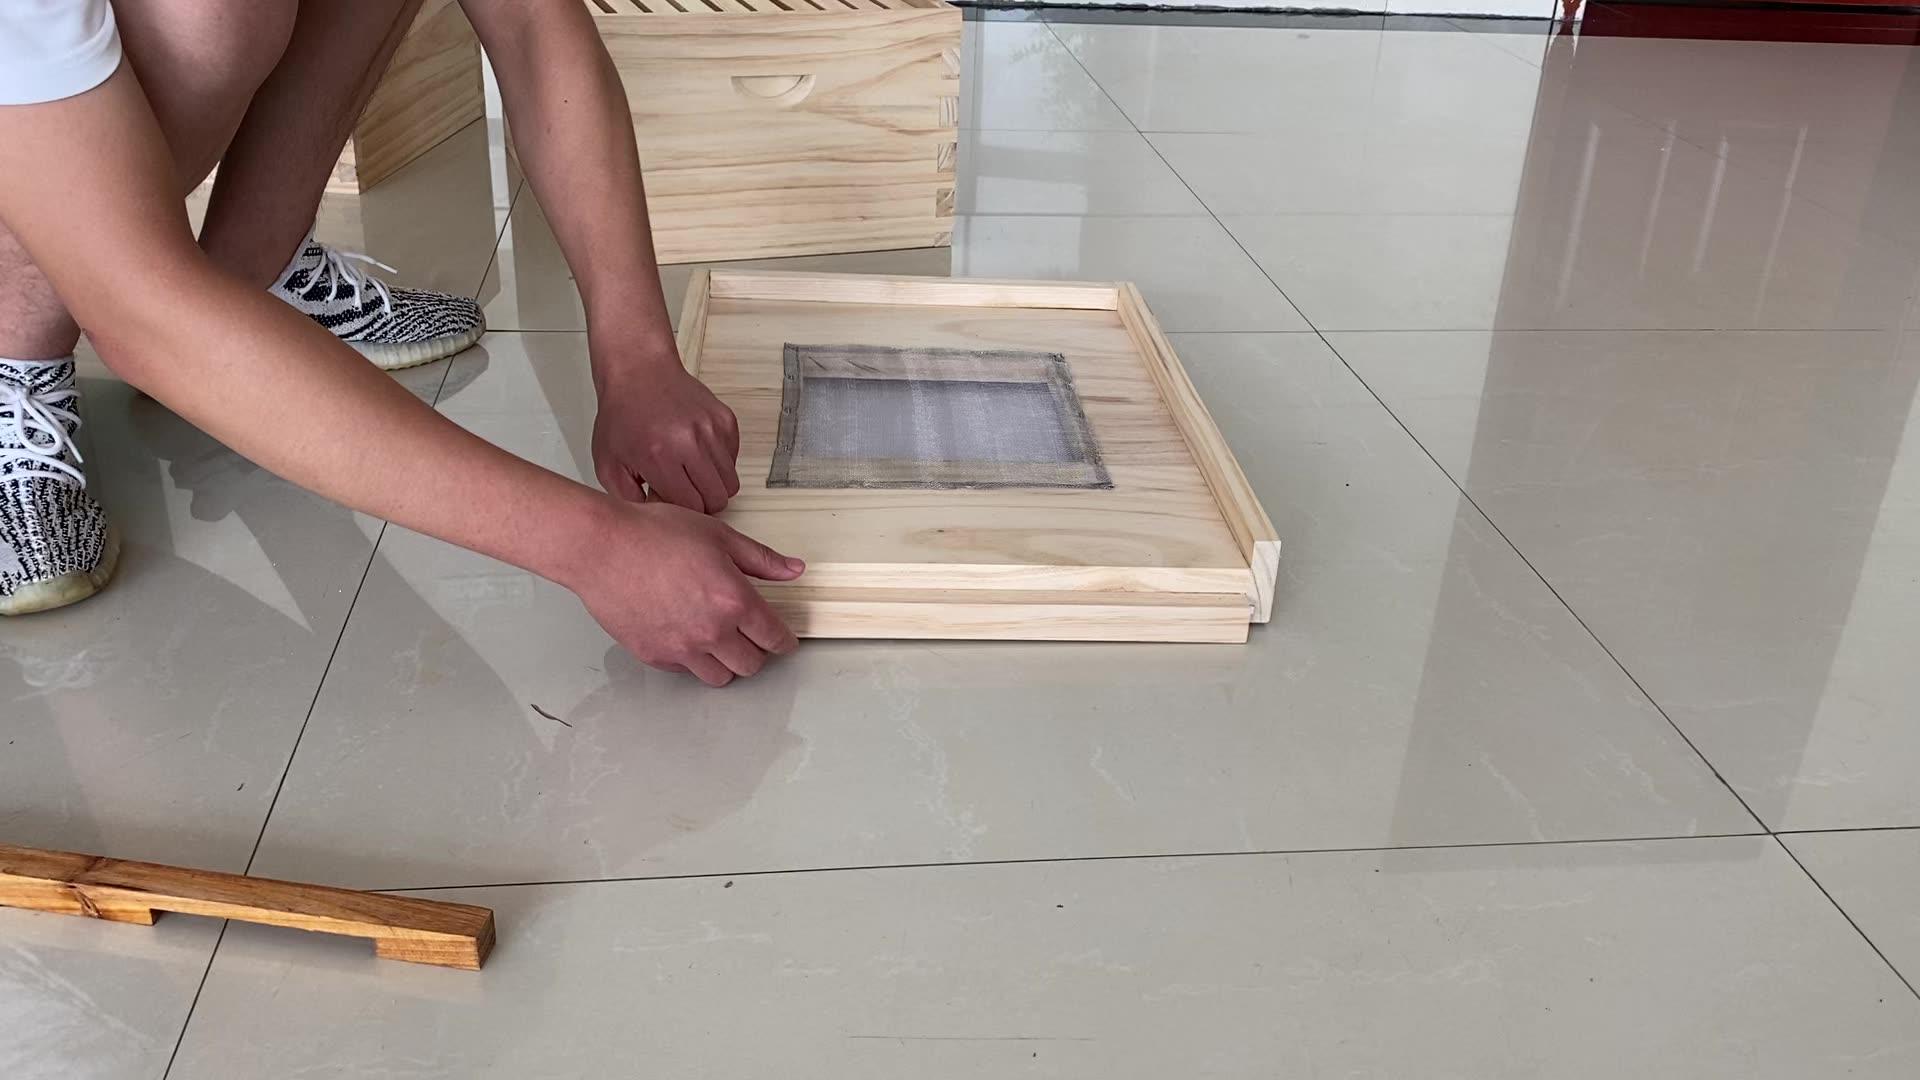 2020 yeni arıcılık arı kutusu artı ekran alt 20 ahşap çerçeveler balmumu vakfı ile ana arı ızgarası Langstroth ahşap arı kovanı